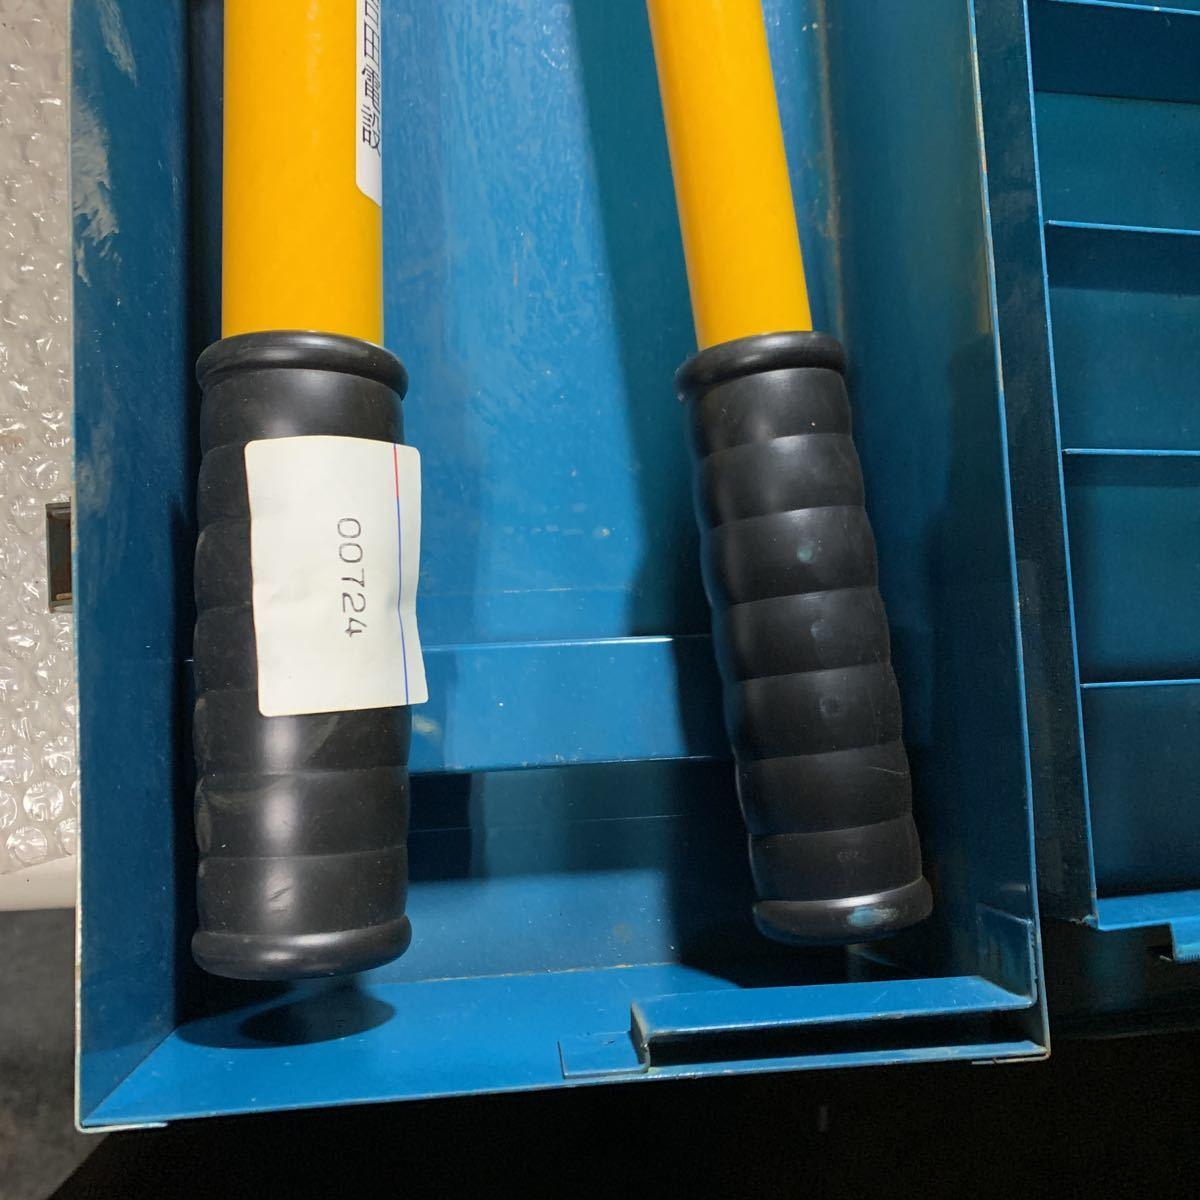 即決 中古品 IZUMI 泉精器 手動油圧式圧着工具 EP-365 動作確認済み T型ダイス4個付属_画像5